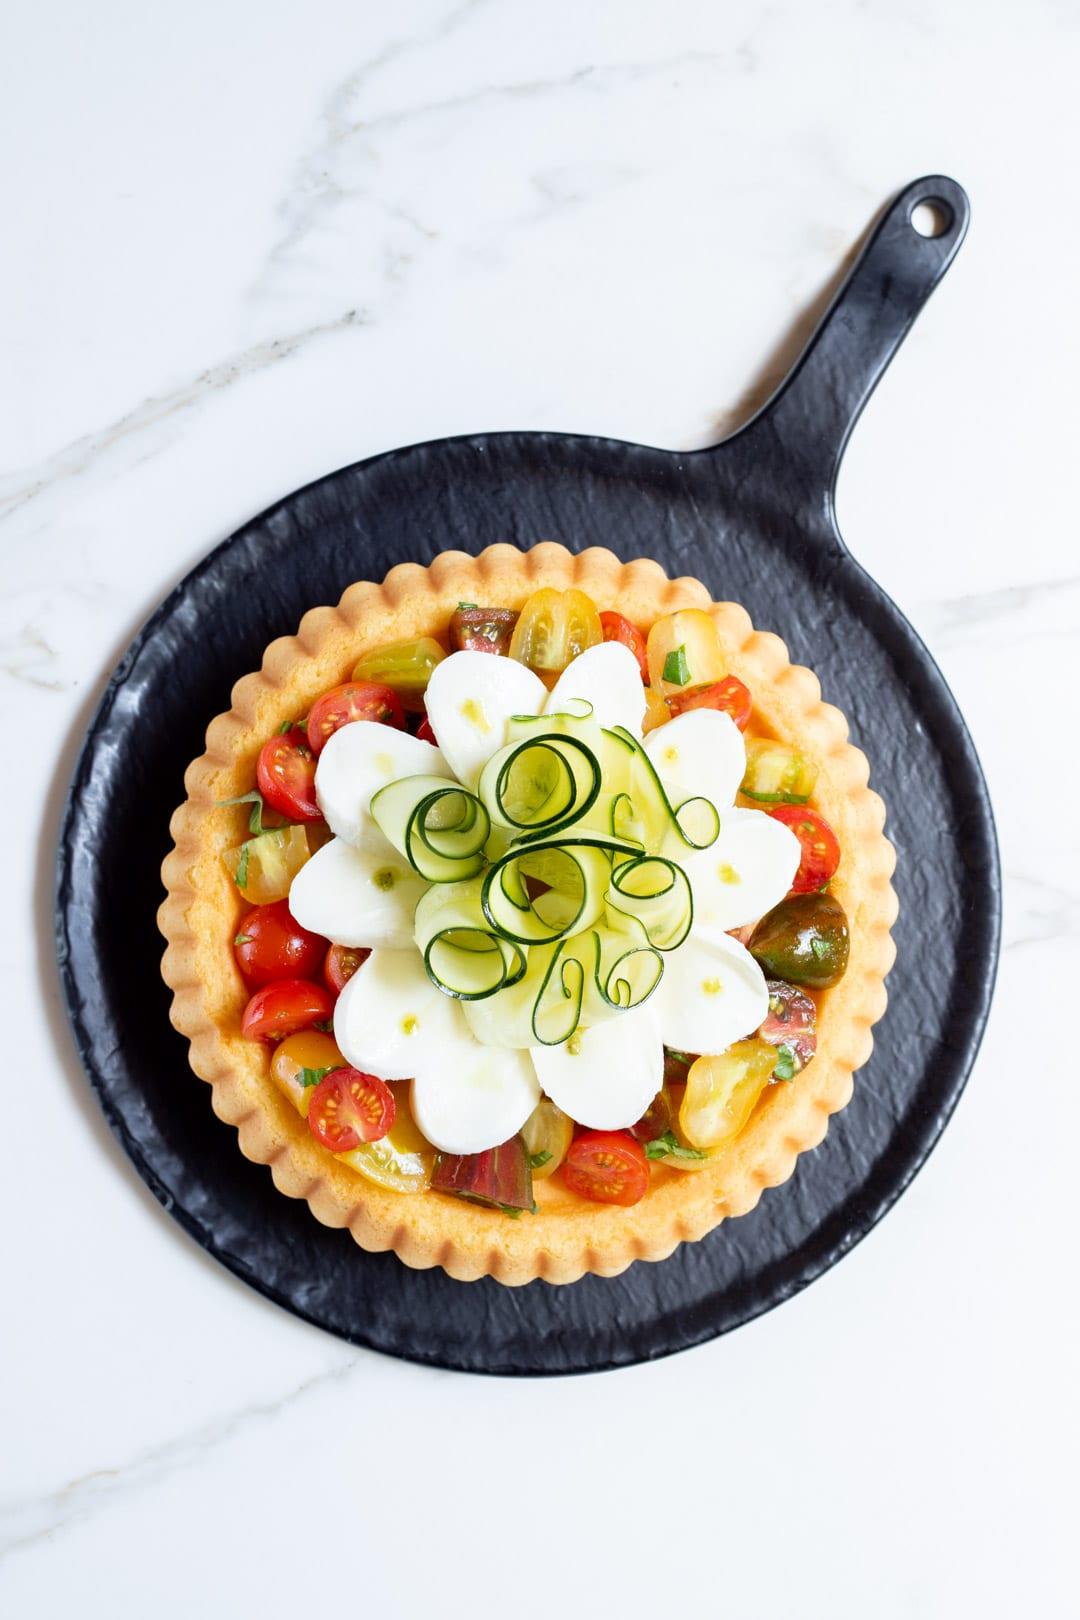 Crostata morbida con verdure, mozzarella e gocce di pesto